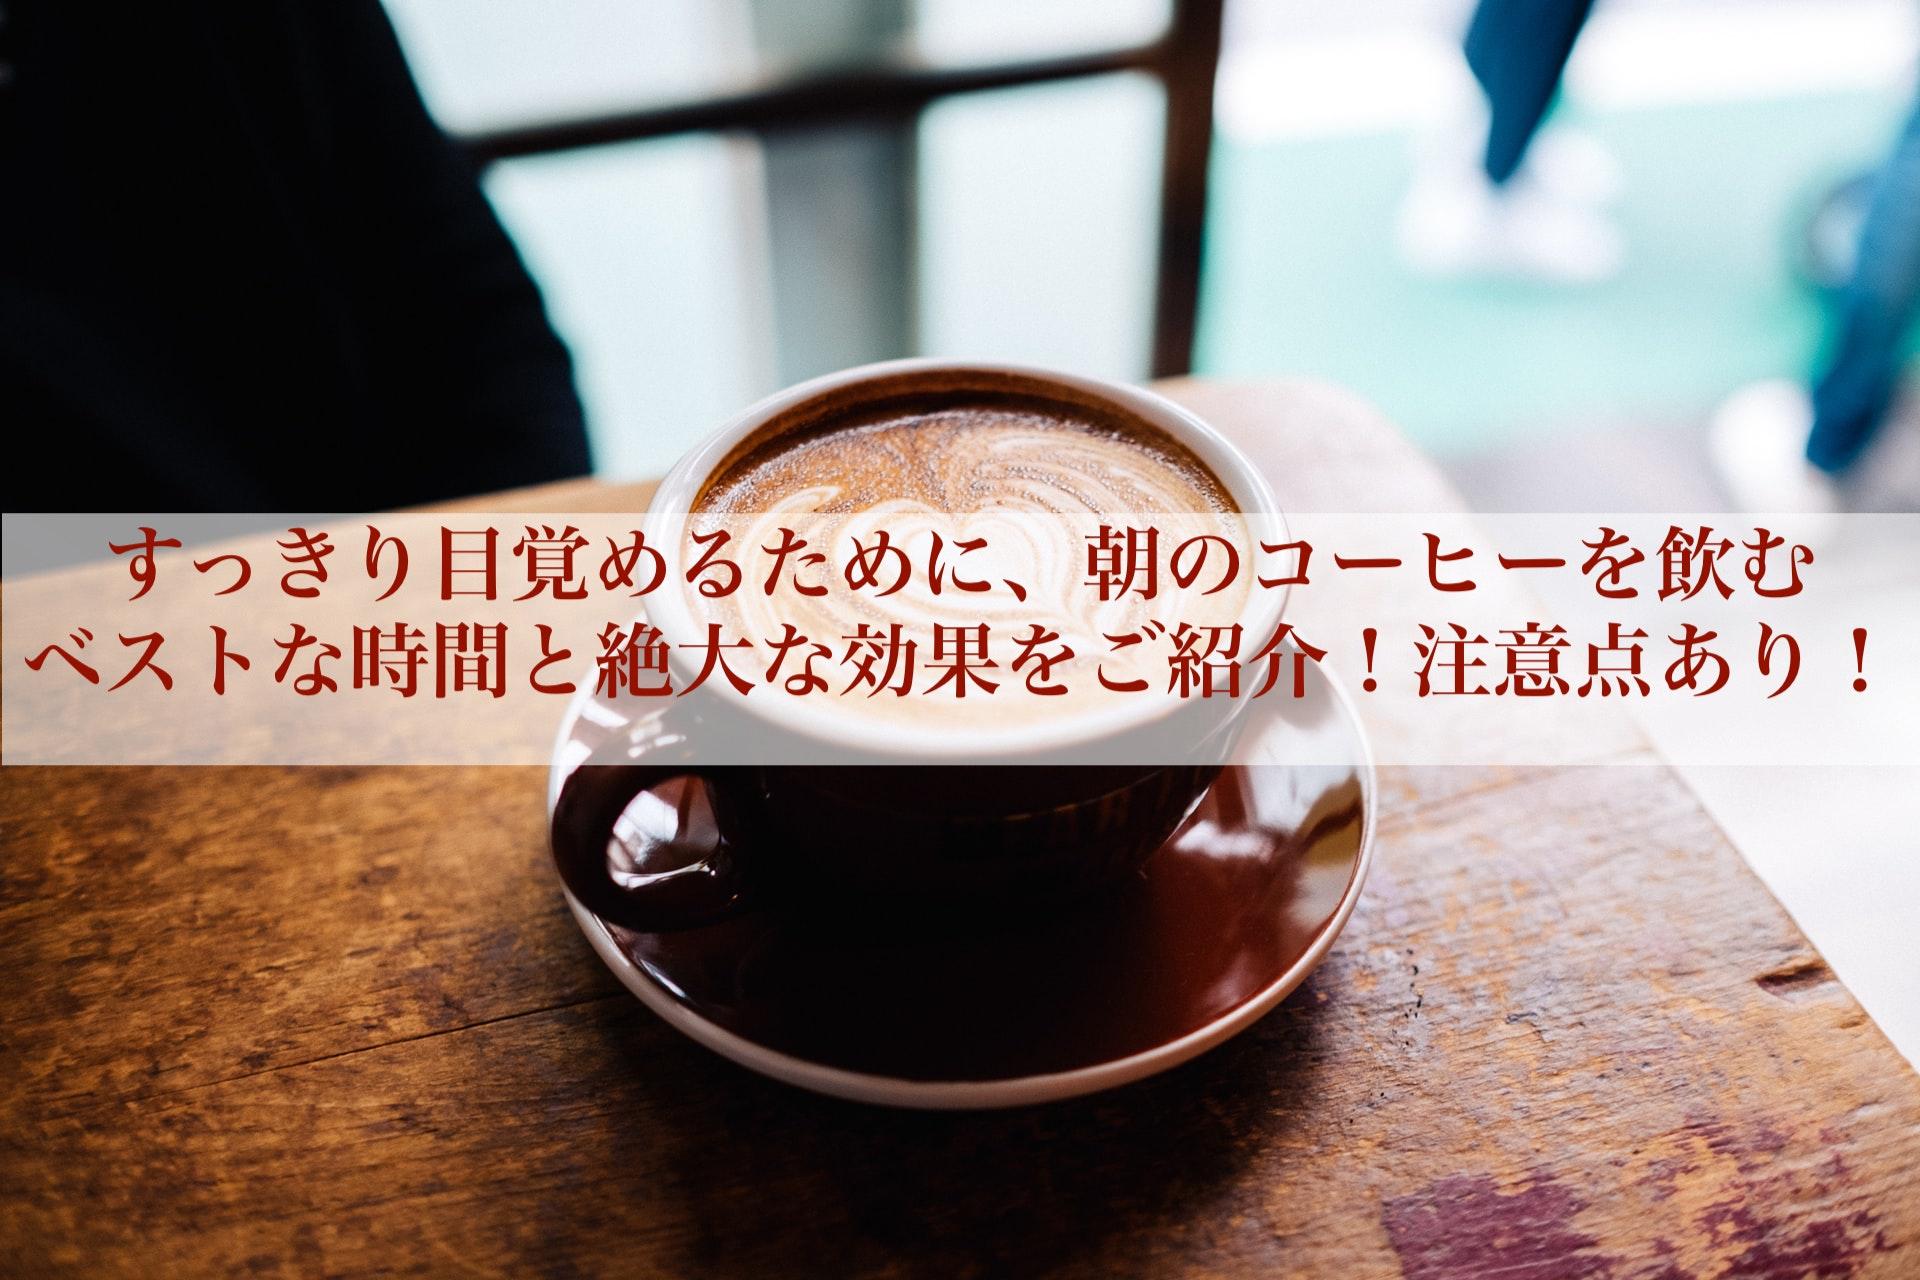 すっきり目覚めるために、朝のコーヒーを飲むベストな時間と絶大な効果をご紹介!注意点あり!